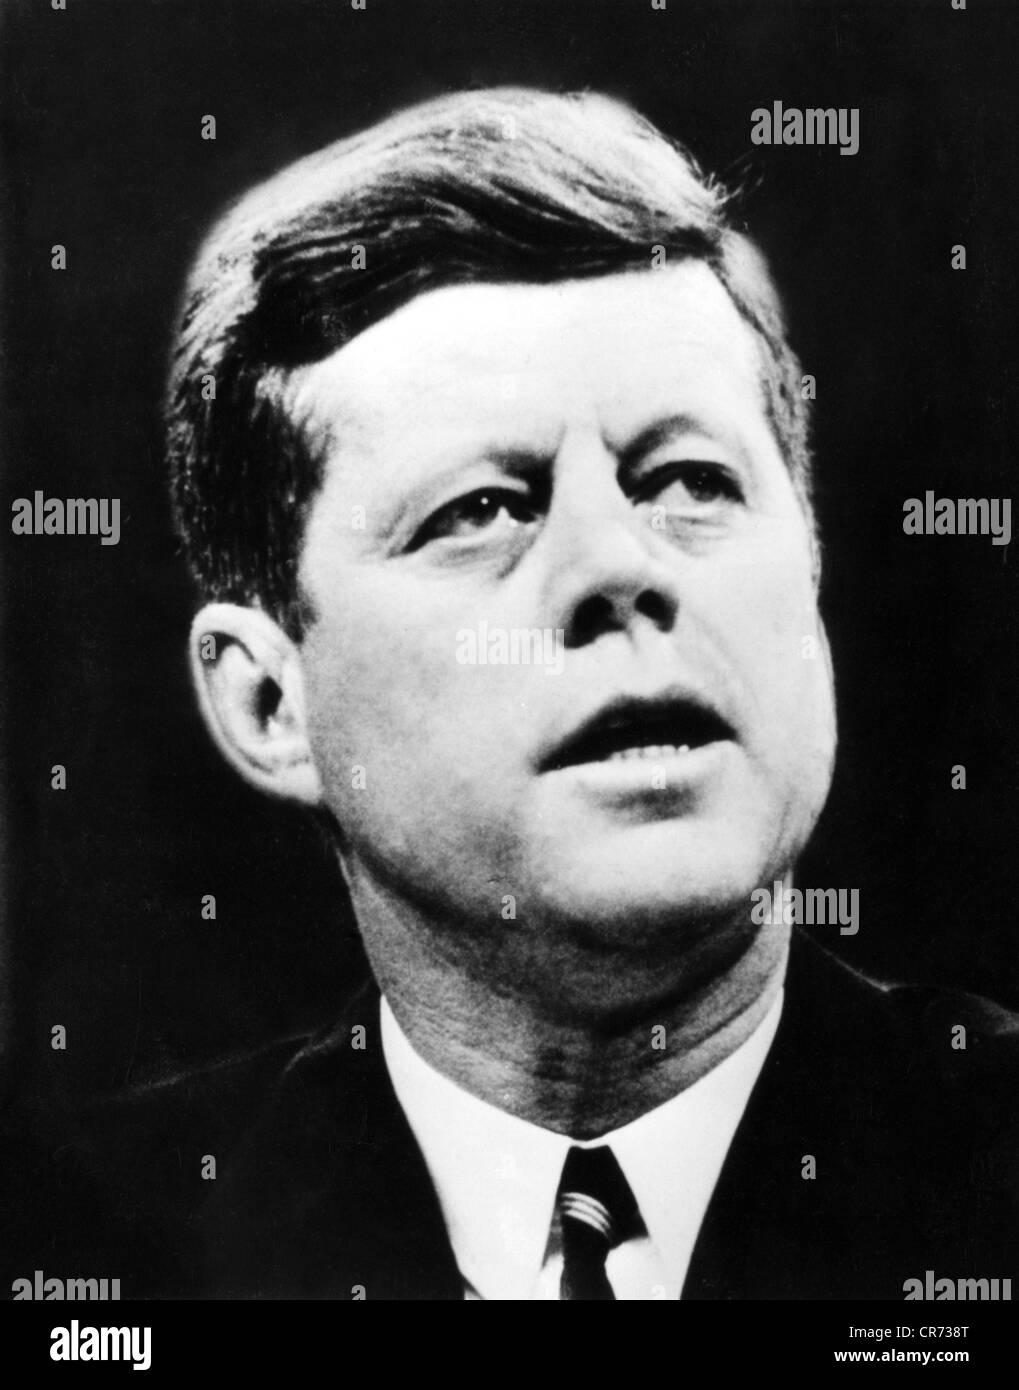 Kennedy, John Fitzgerald, 29.5.1917 - 22.11.1963, homme politique français (Parti démocrate), Président Photo Stock